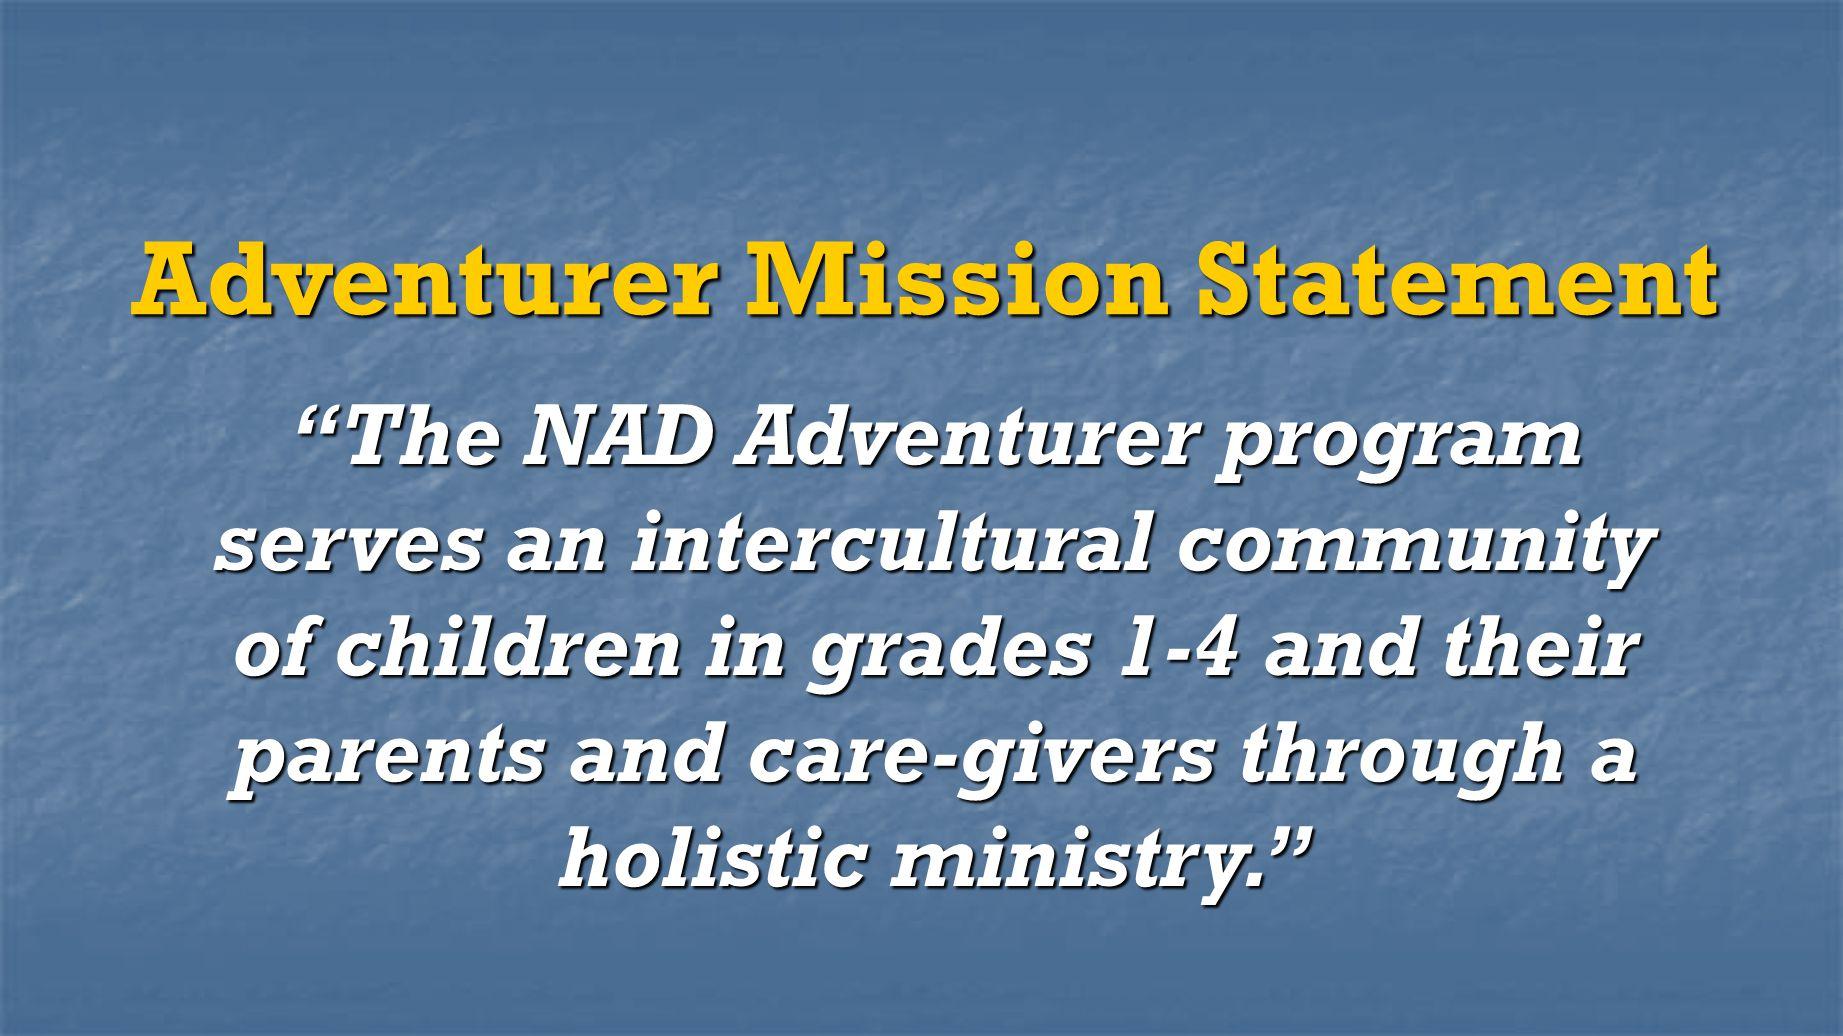 Adventurer Mission Statement